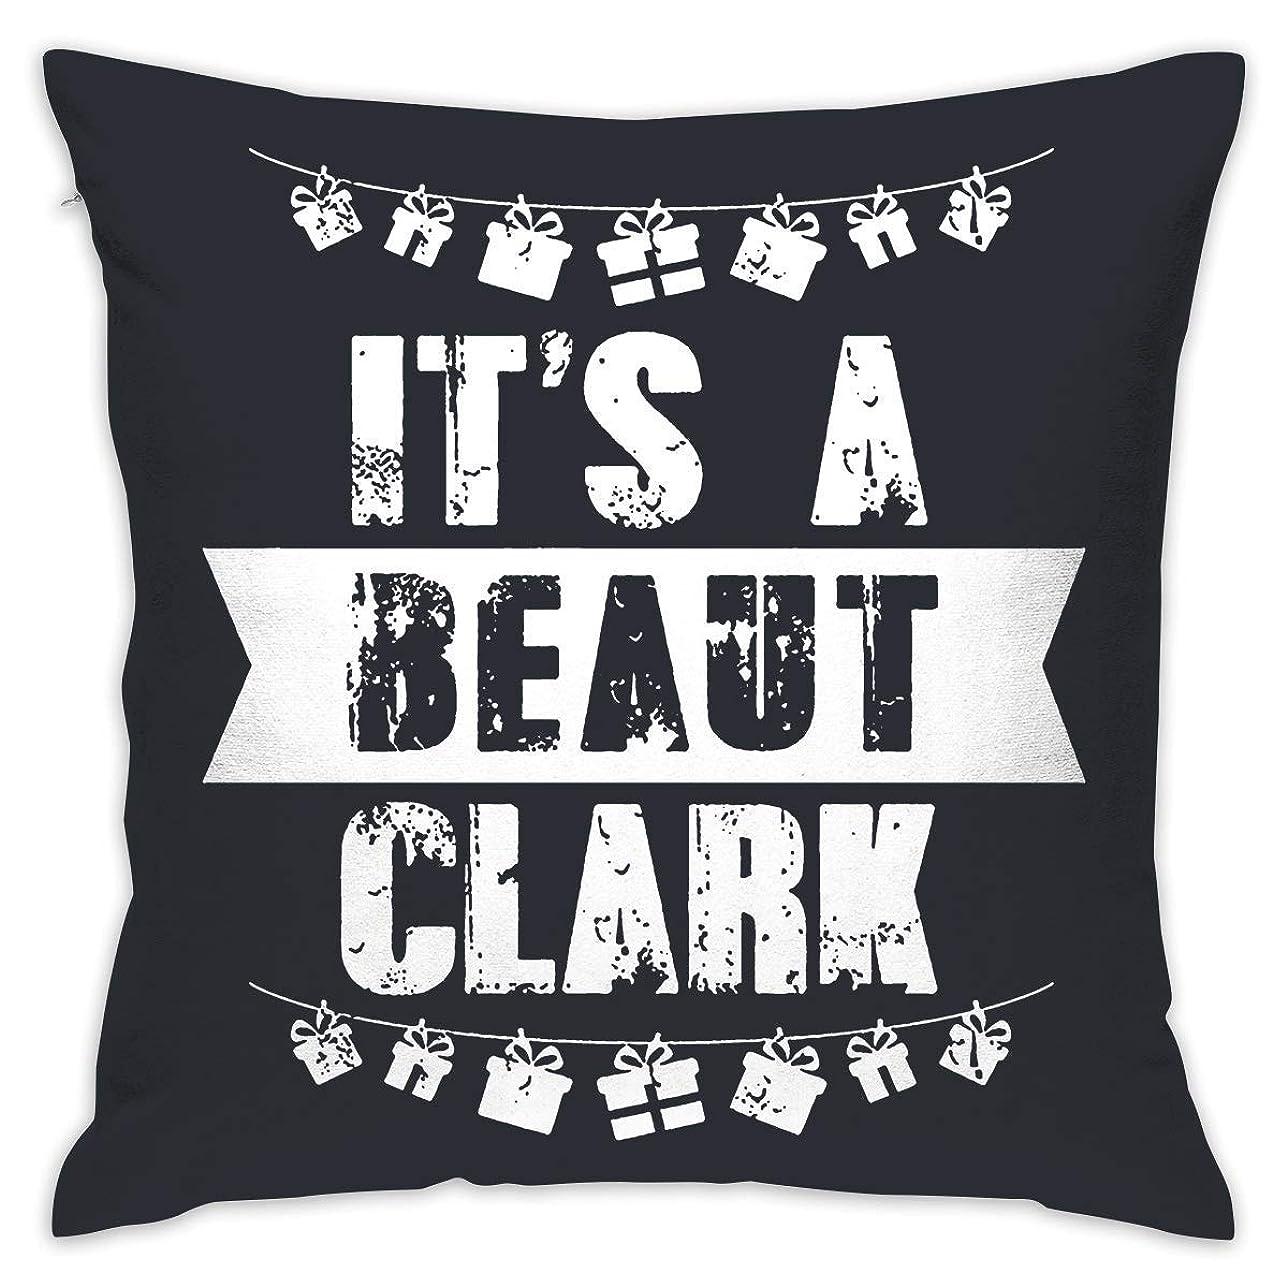 気候の山サイクロプス蓋XixiL Pillowcase It's A Beaut Clark Christmas Home Decorative Throw Pillow Cases Cushion Pillowcase Cover 20 X 20 Inches for Living Room Bedroom Car 枕カバー;正方形; 20 * 20インチ;家;手頃な価格;